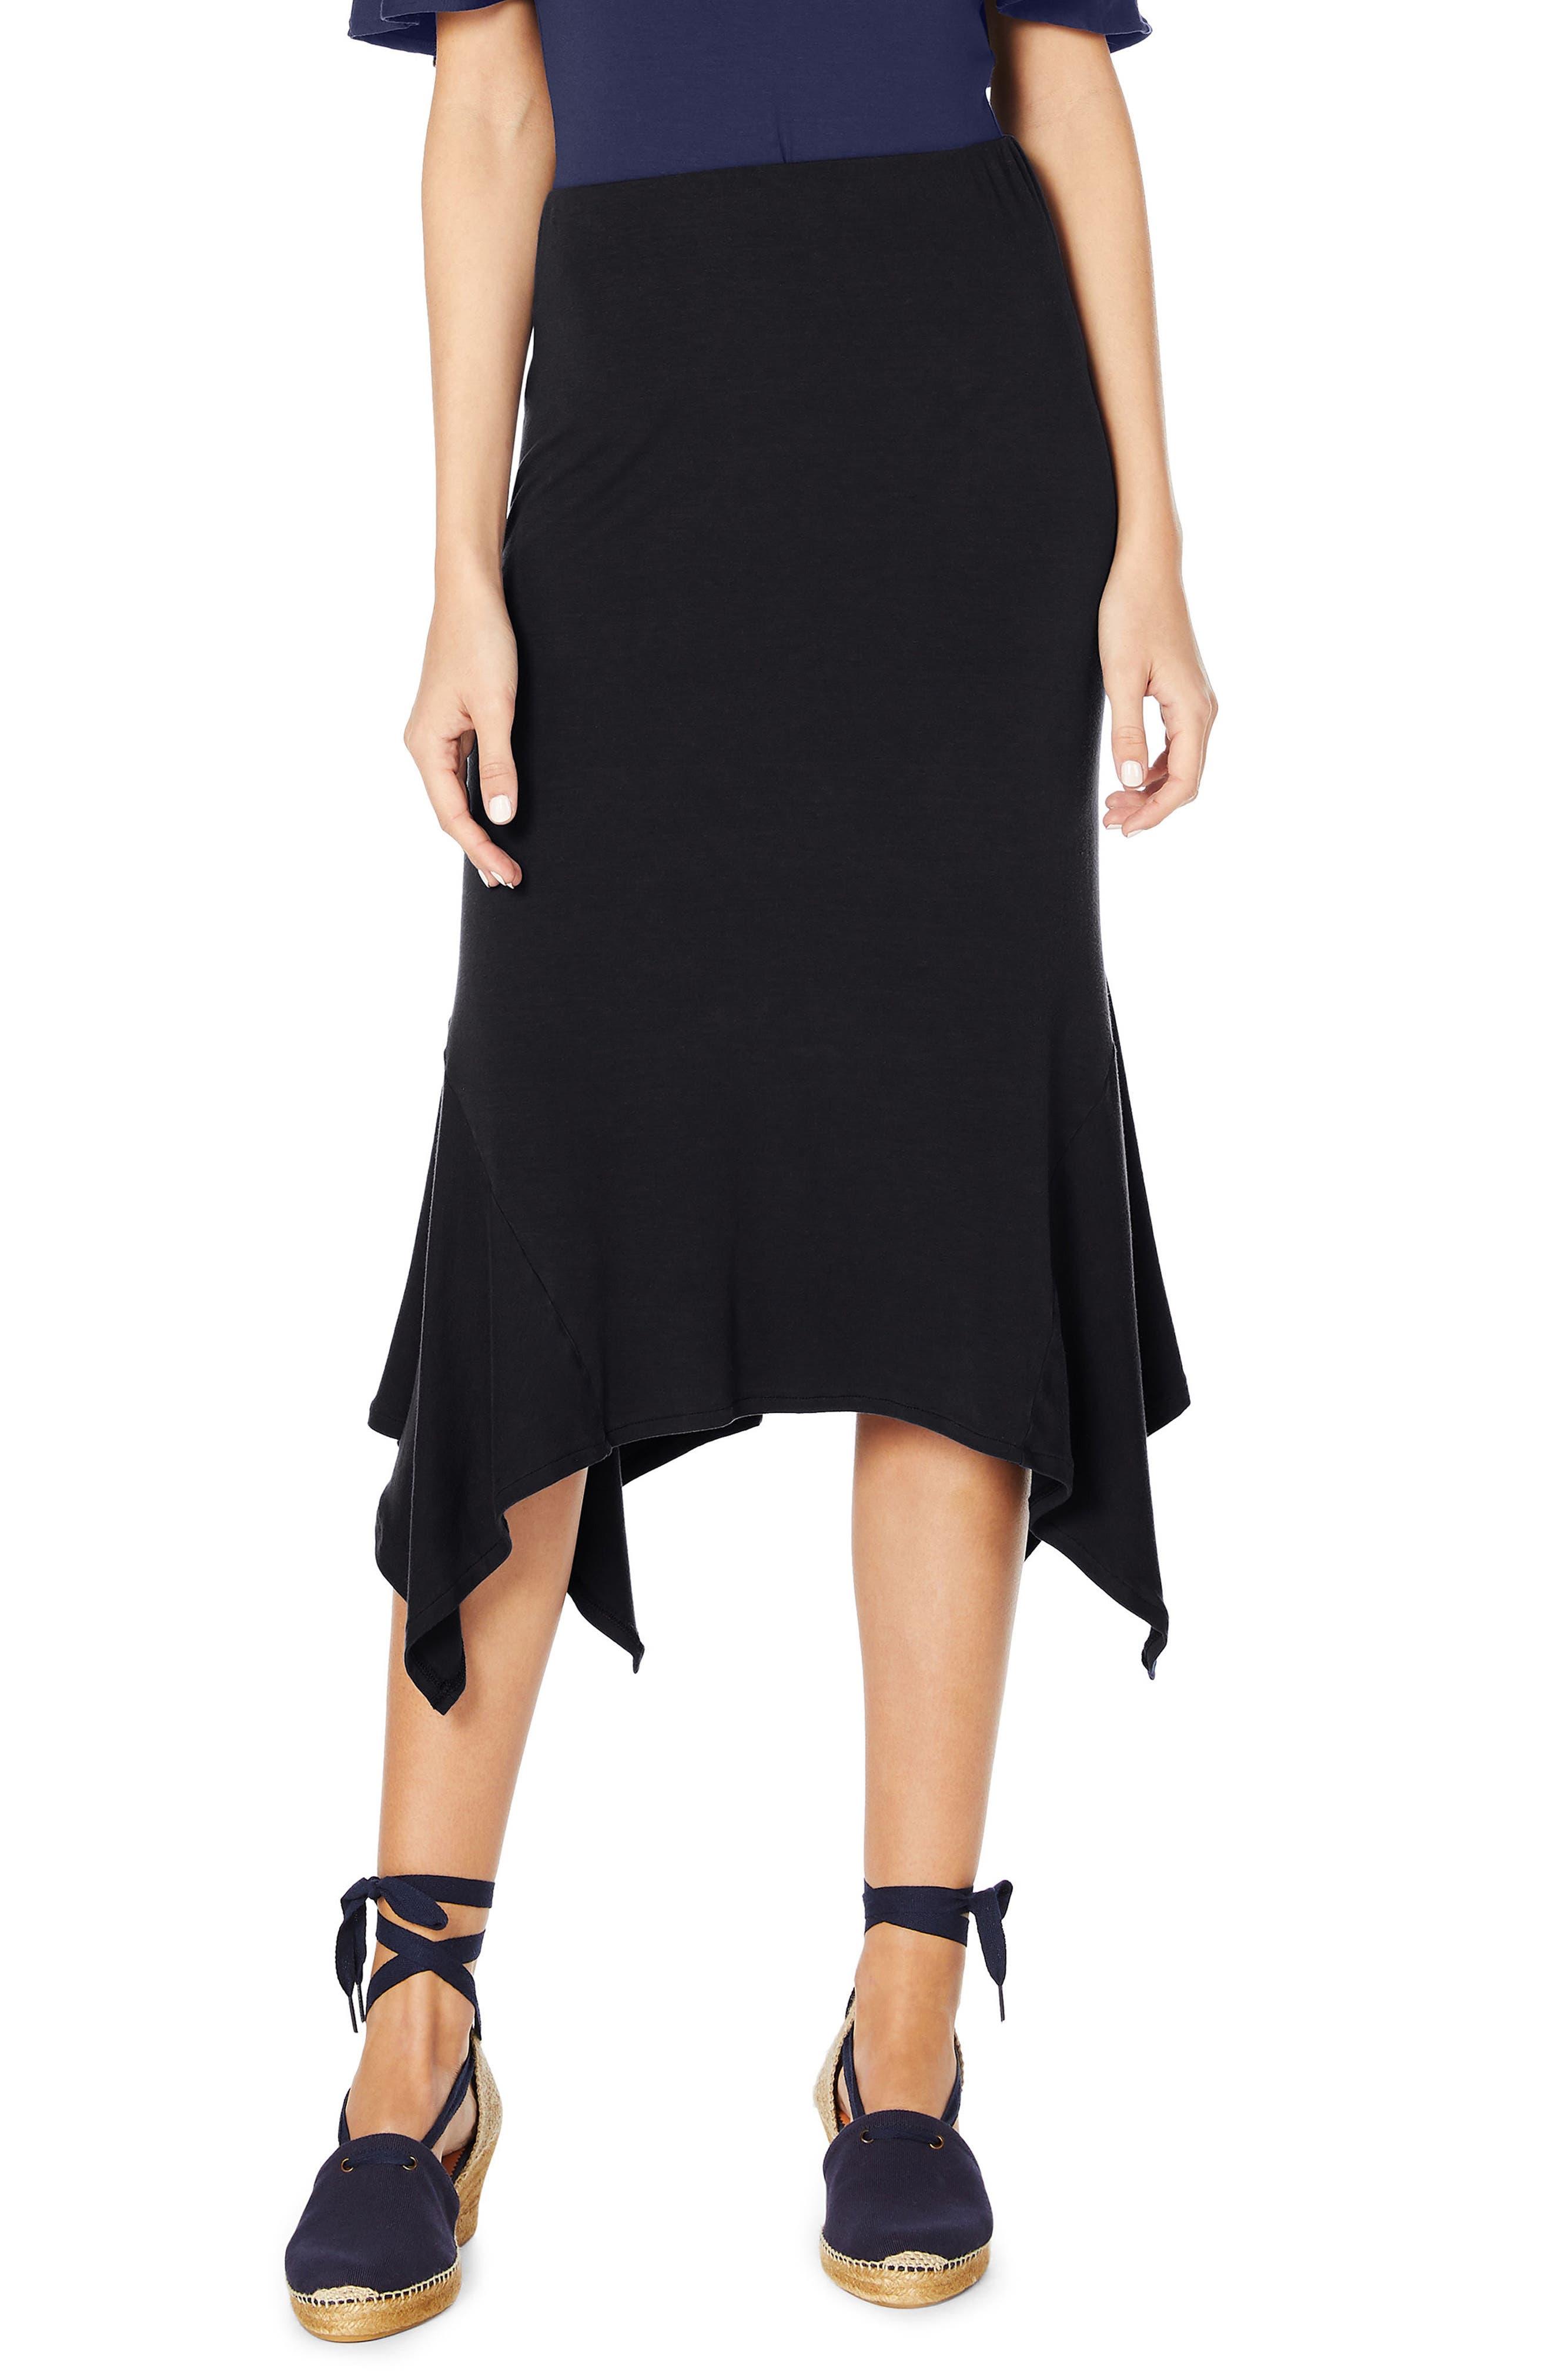 Sharkbite Midi Skirt,                         Main,                         color, Black